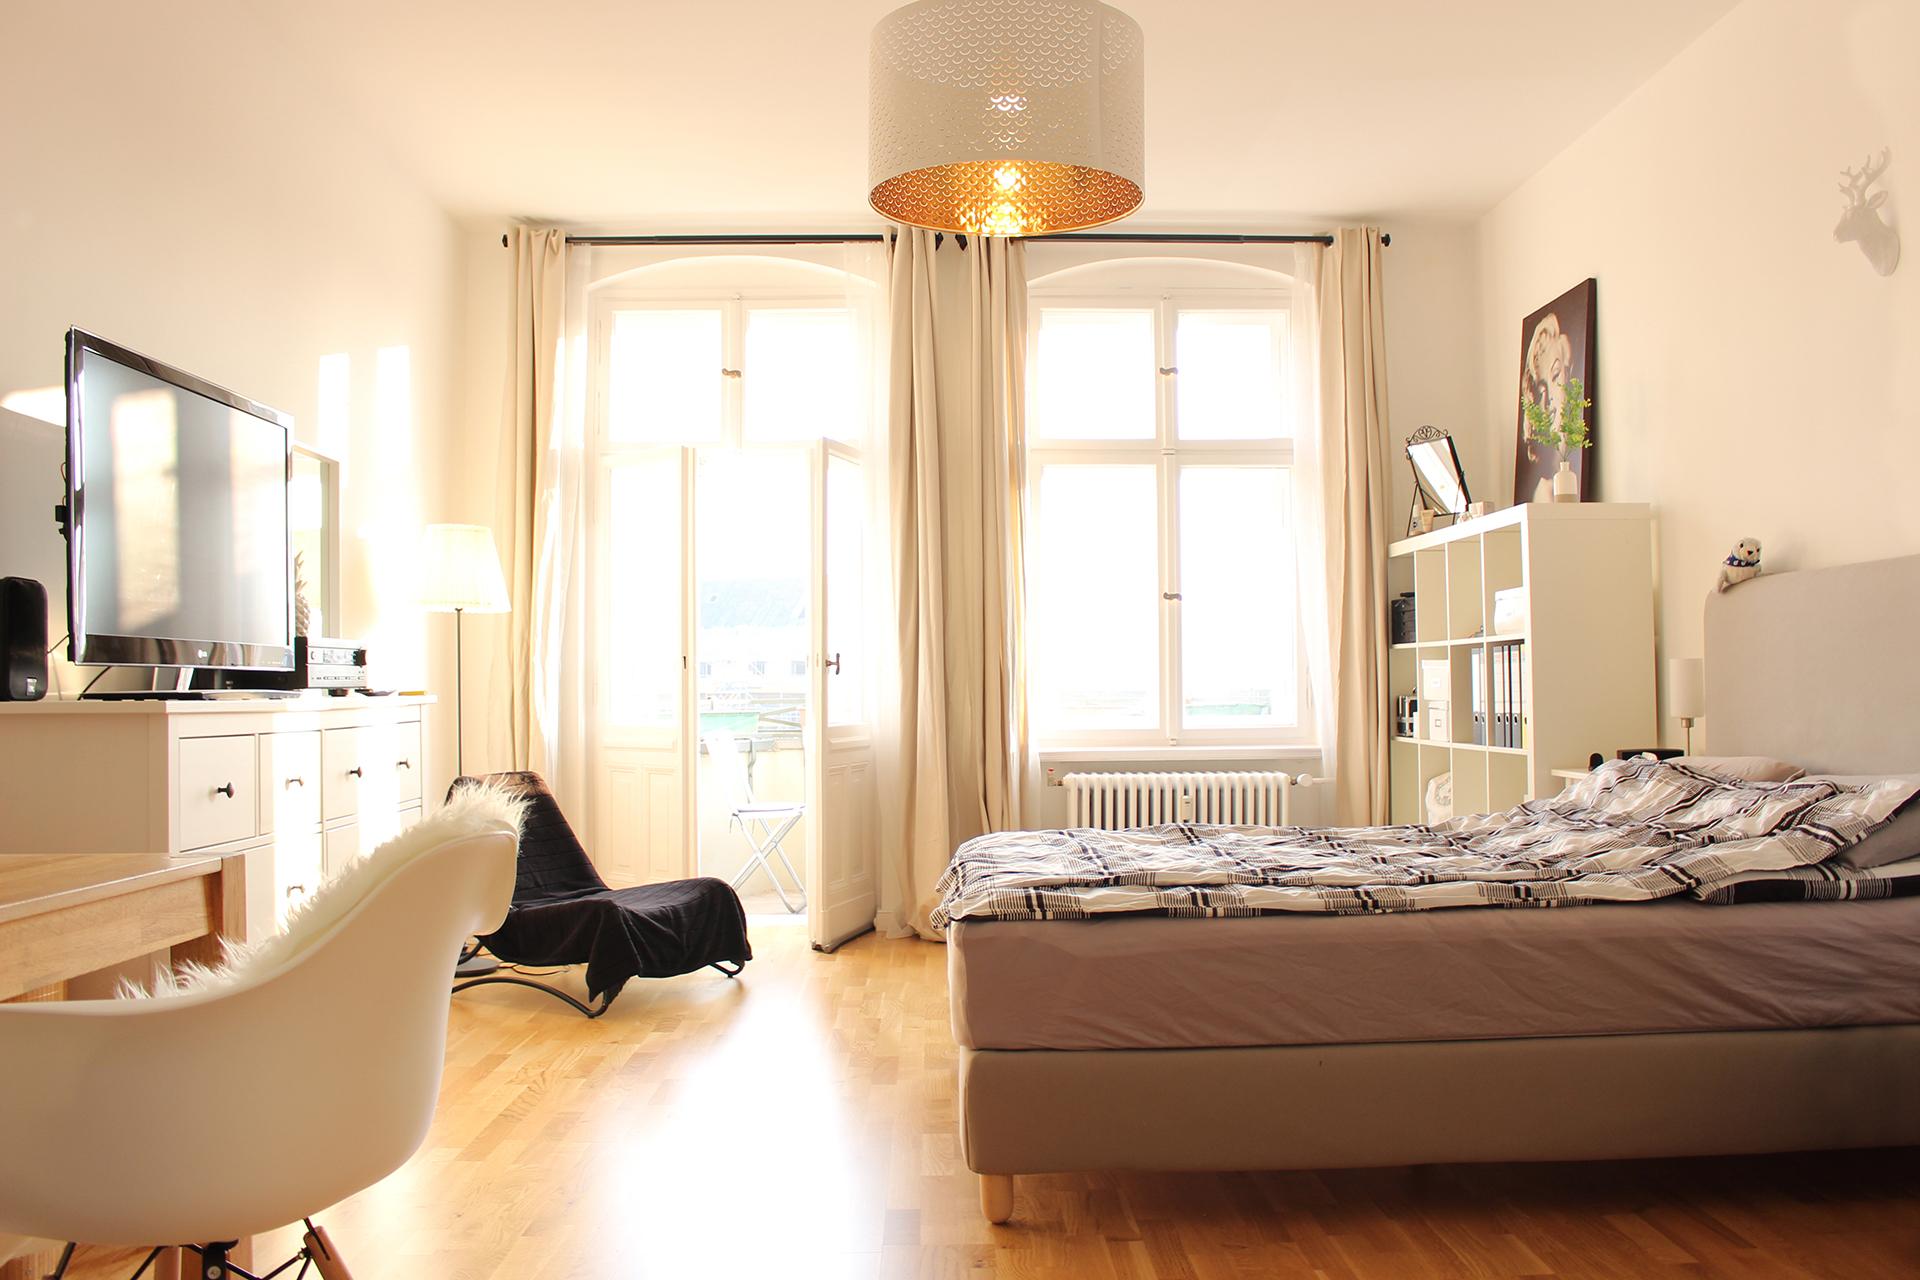 Großes Zimmer mit Balkon und smartem Licht